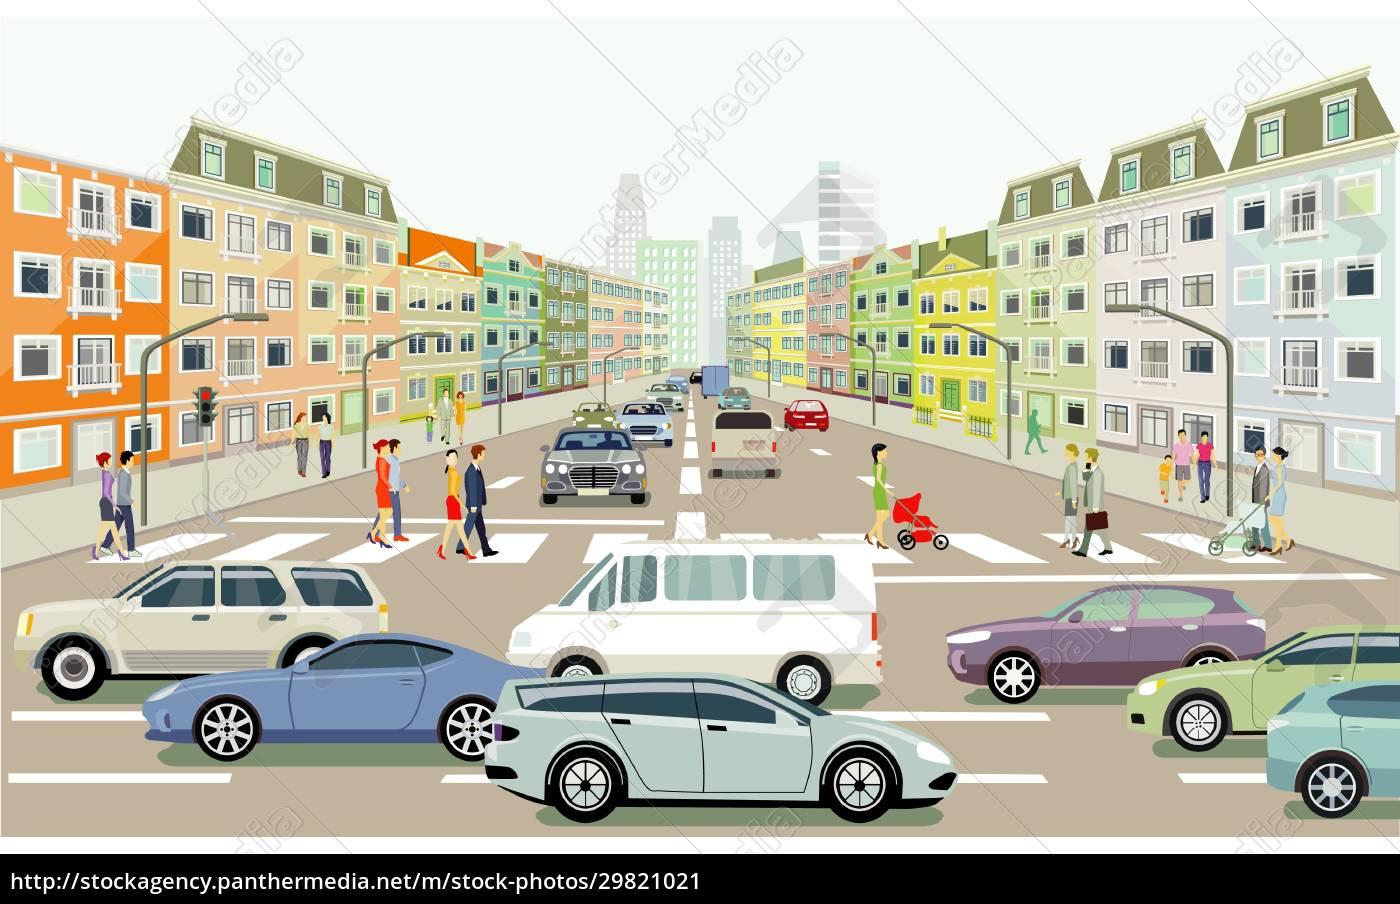 straßenverkehr, mit, personen, auf, dem, zebrastreifen, abbildung - 29821021